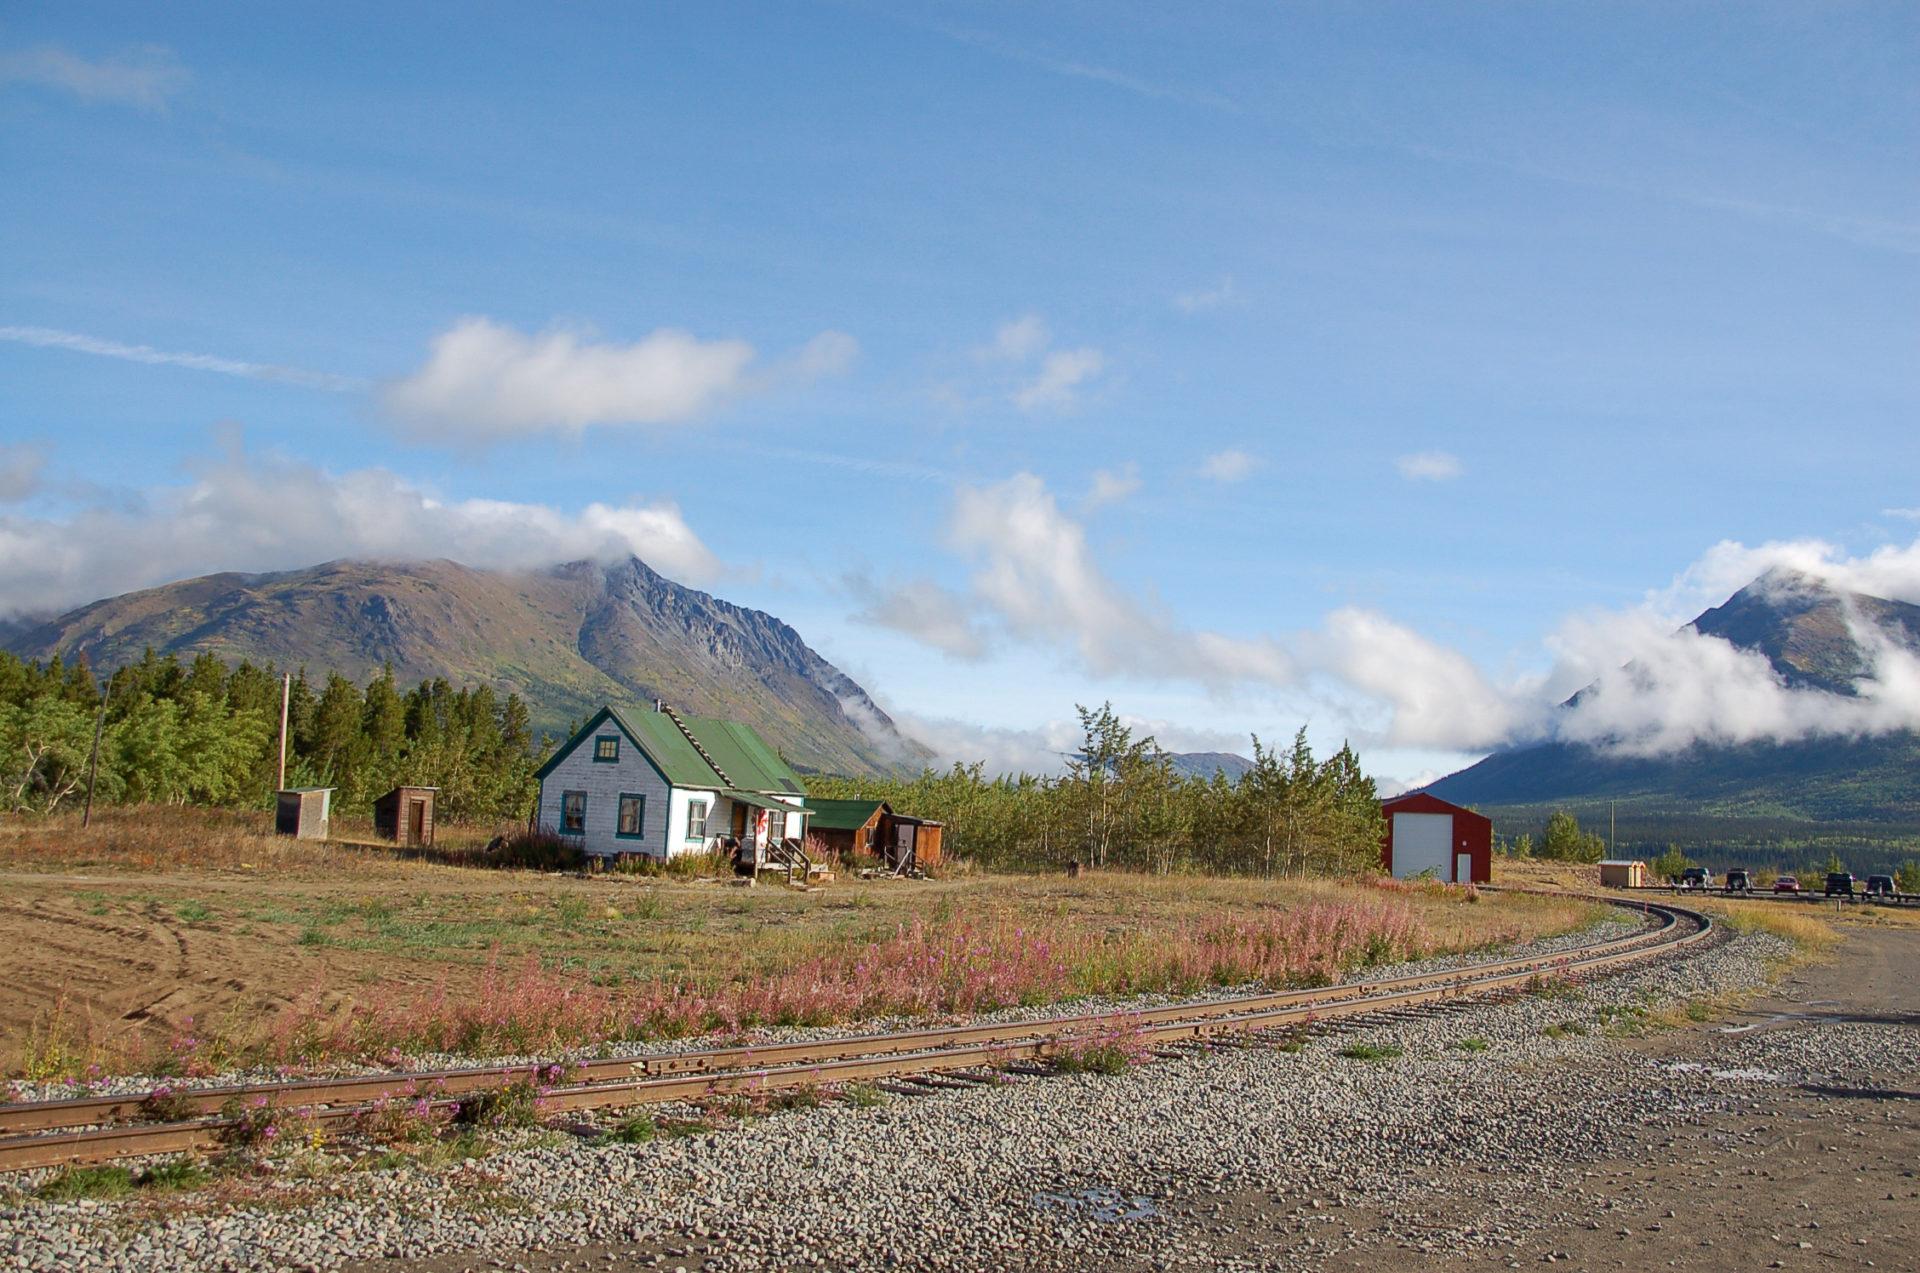 Eisenbahnlinie nach Alaska in der kleinsten Wüste der Welt